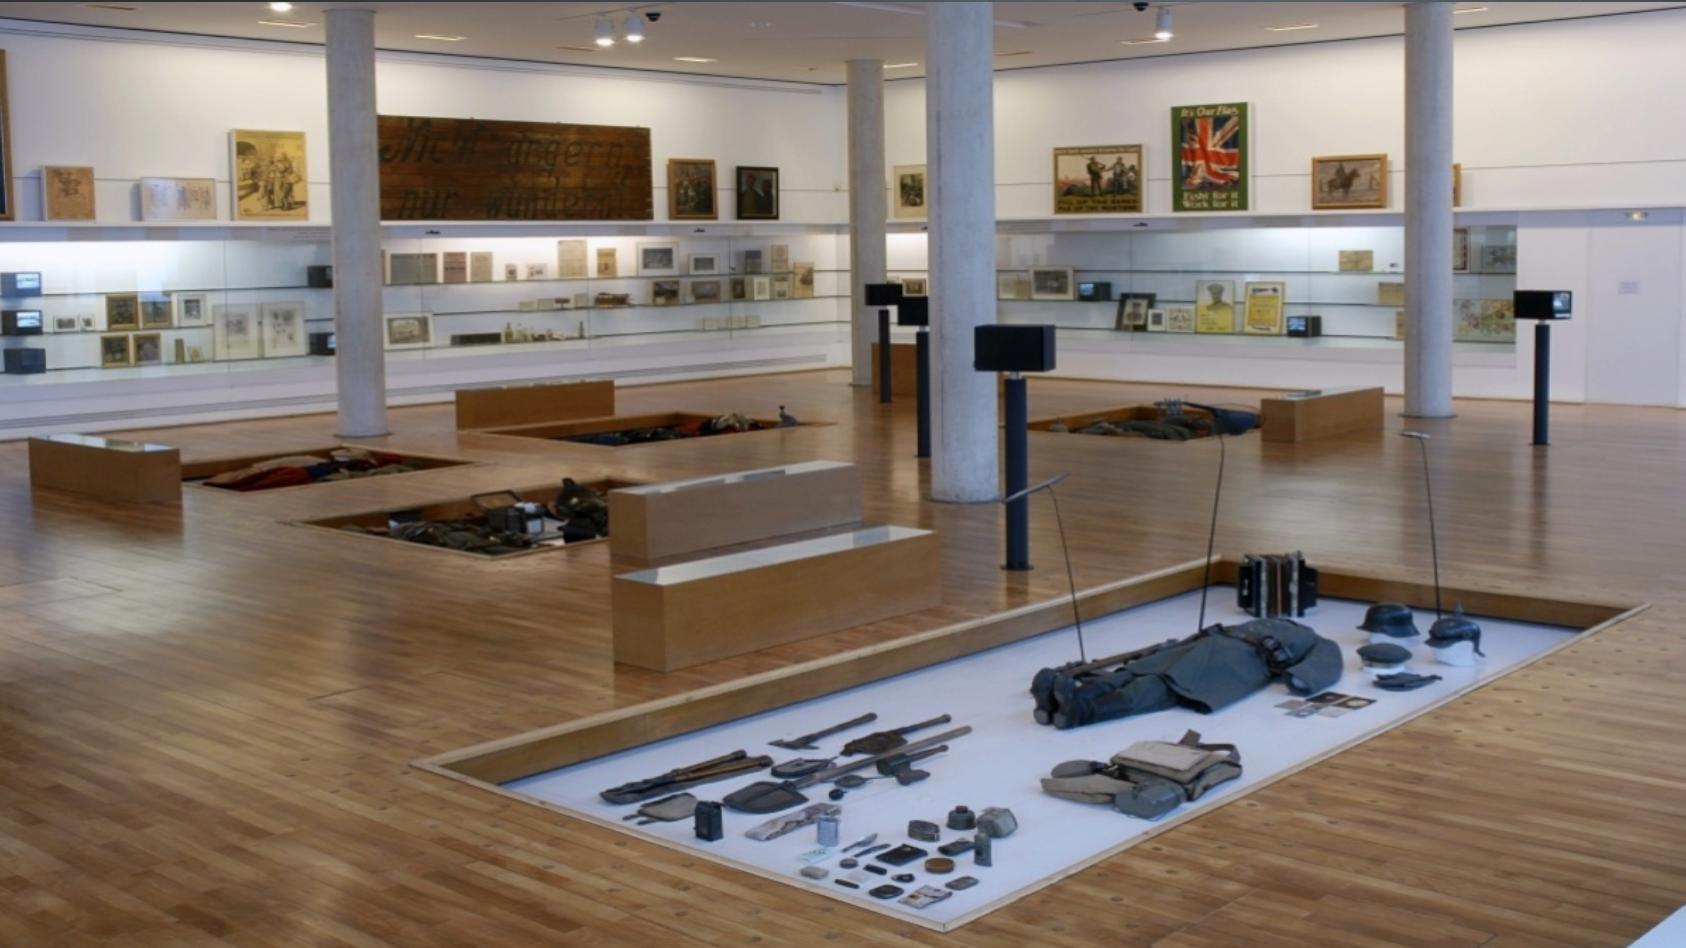 世界大战历史博物馆(Histoire de la Grande Guerre), 建立与1992年,法国索姆湾,是第一个放眼世界,致力于研究和展示一战历史的法国博物馆